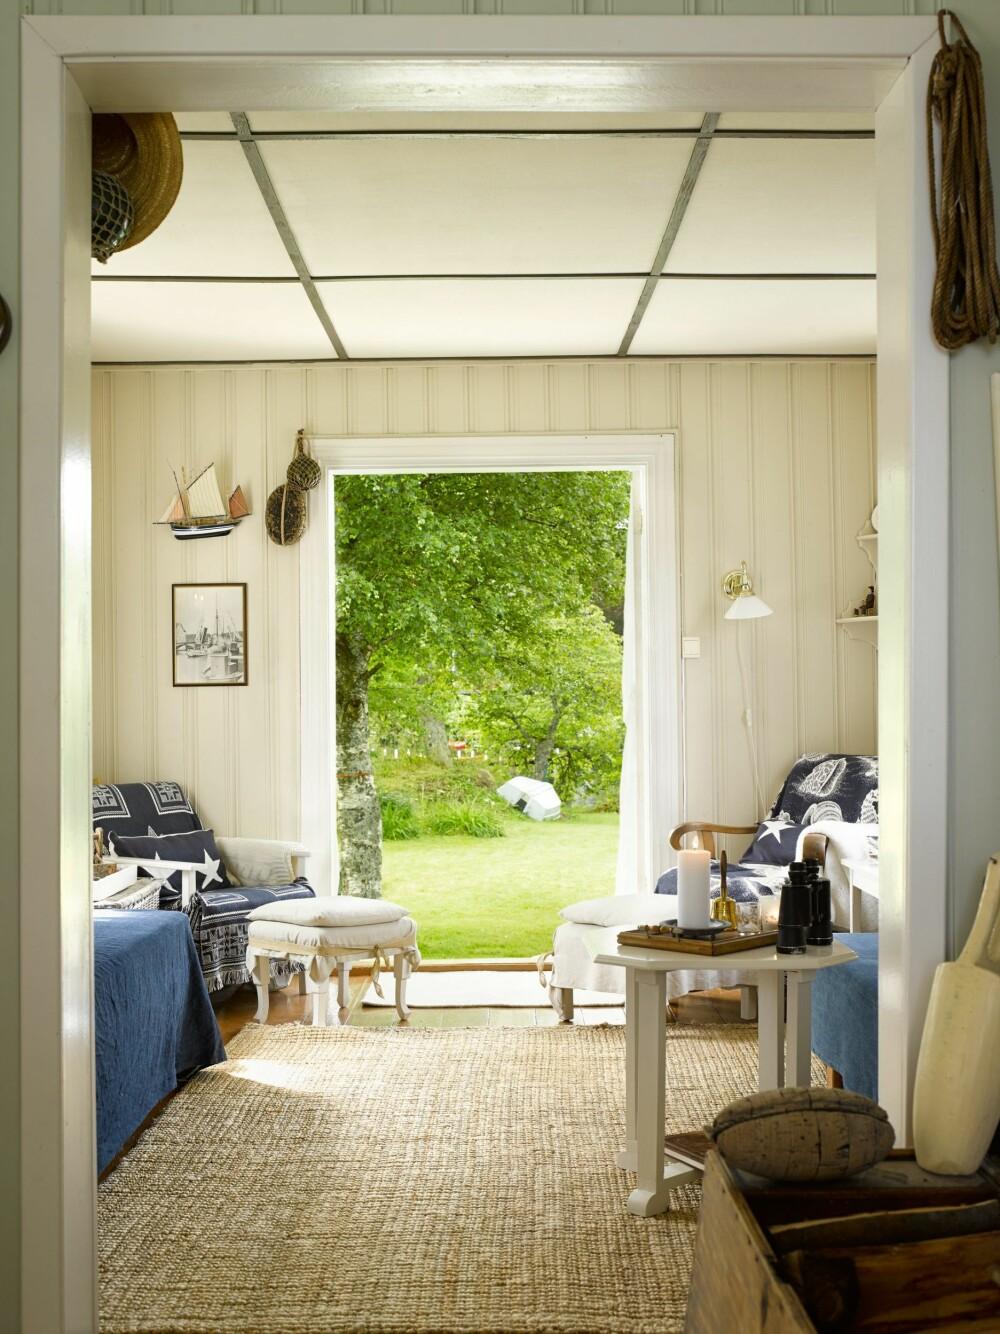 ÅPNER DØRENE: her slipper de solen og sommeren rett inn i hytta.